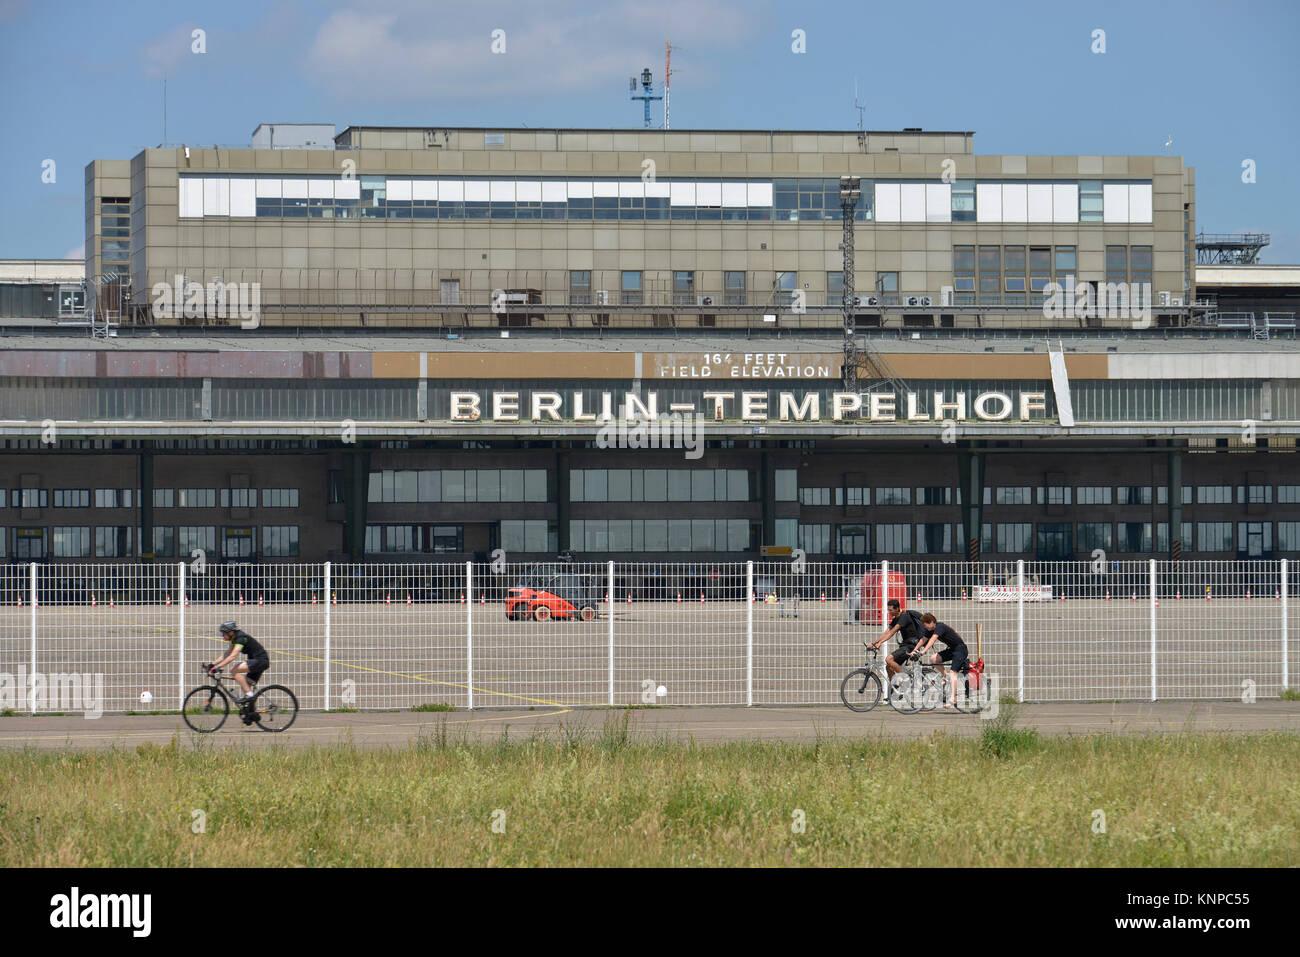 Airport Tempelhof, Tempelhofer field, temple court, Berlin, Germany, Flughafen Tempelhof, Tempelhofer Feld, Tempelhof, - Stock Image